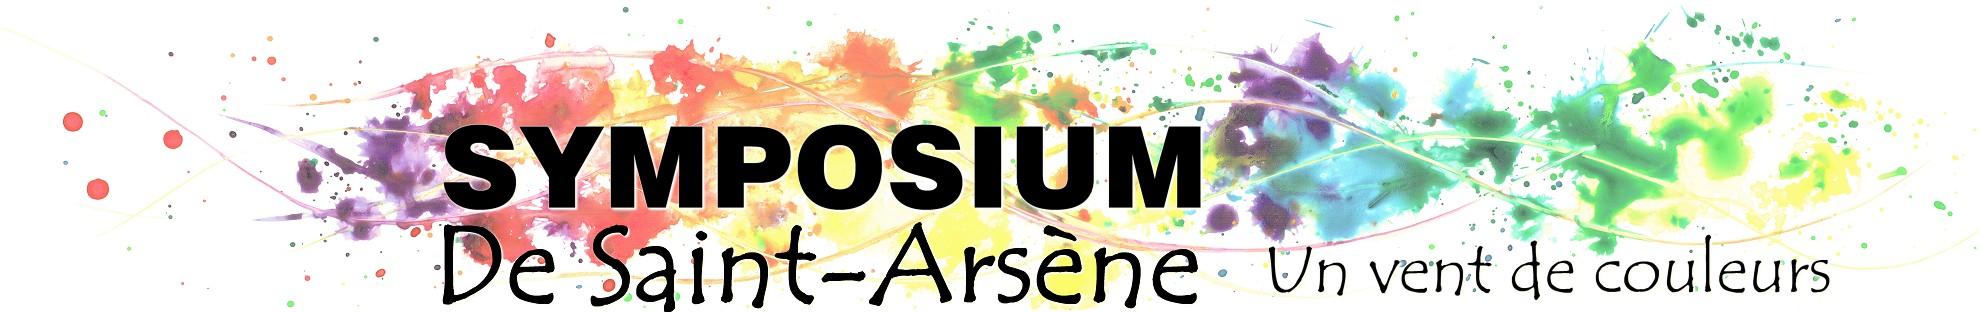 logo Symposium jpeg (Auteur : Marimaud Morin-Dupras)